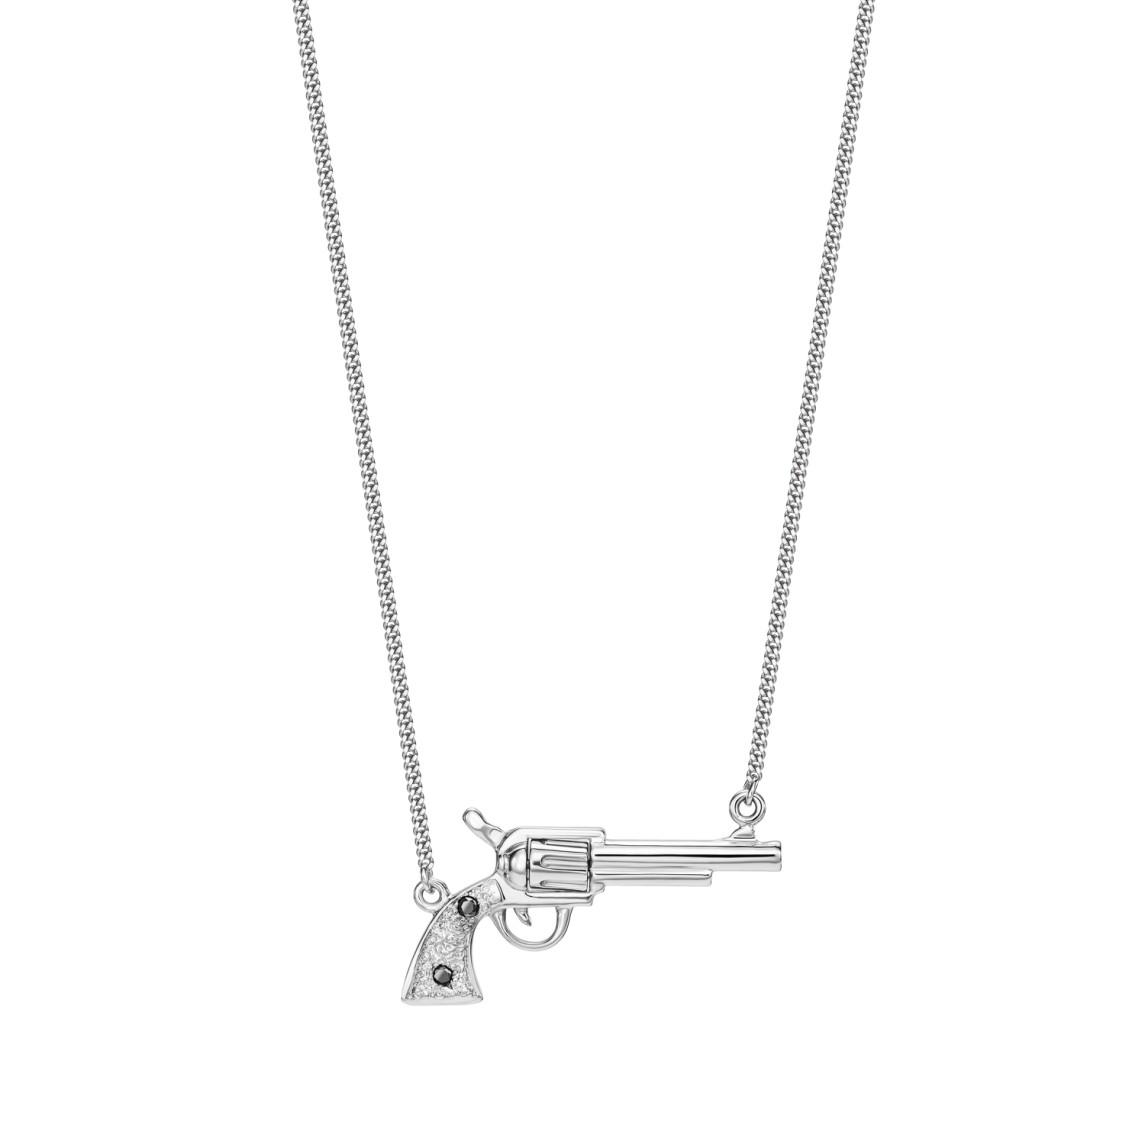 Naszyjnik rewolwer z białego złota z czarnymi diamentami